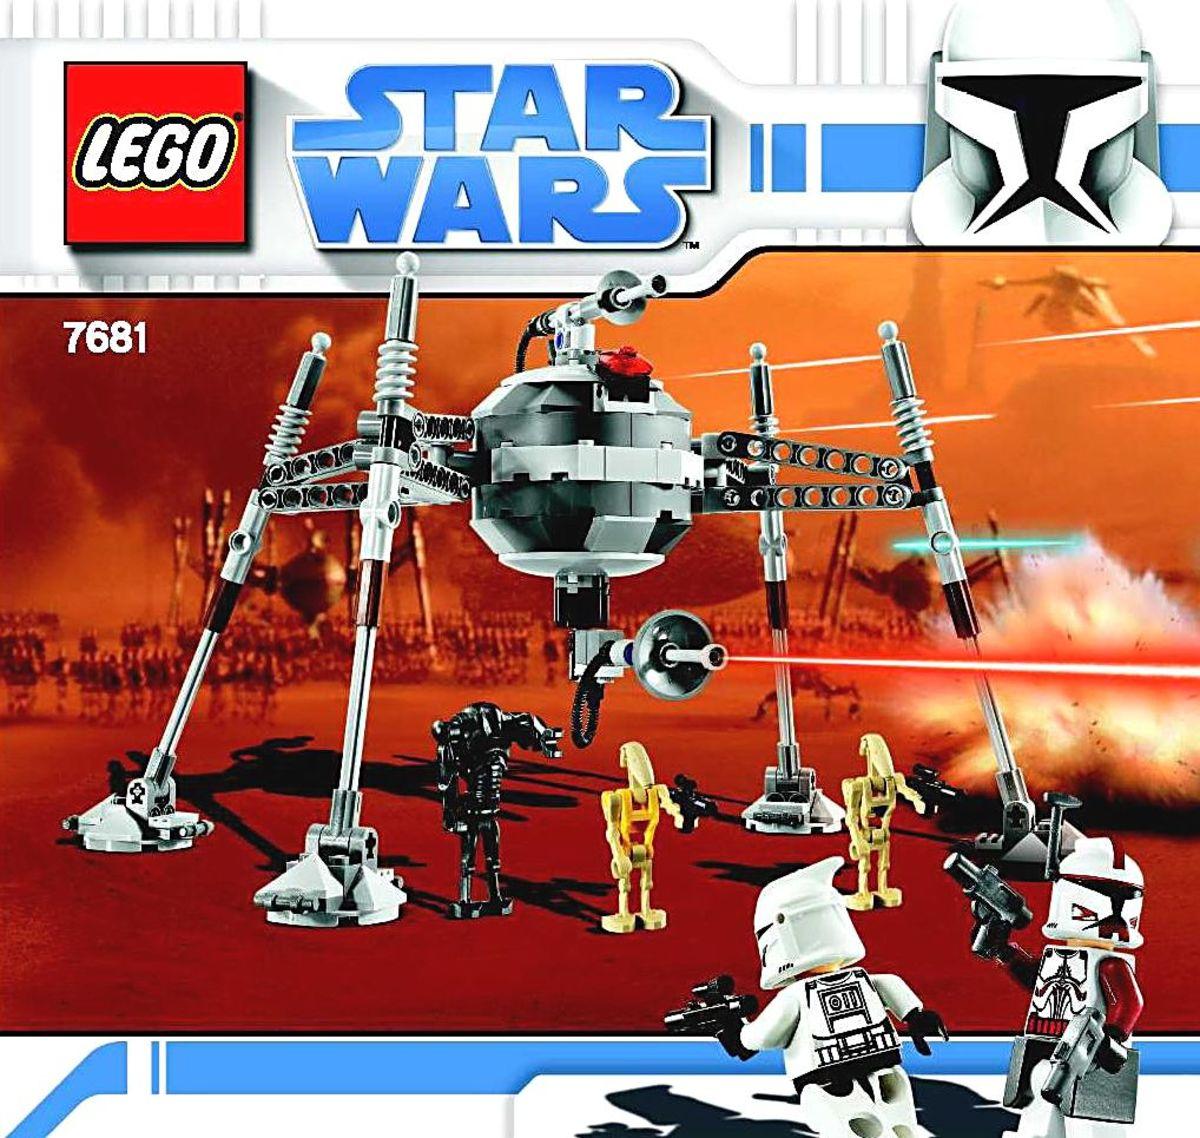 LEGO Star Wars Separatist Spider Droid 7681 Box